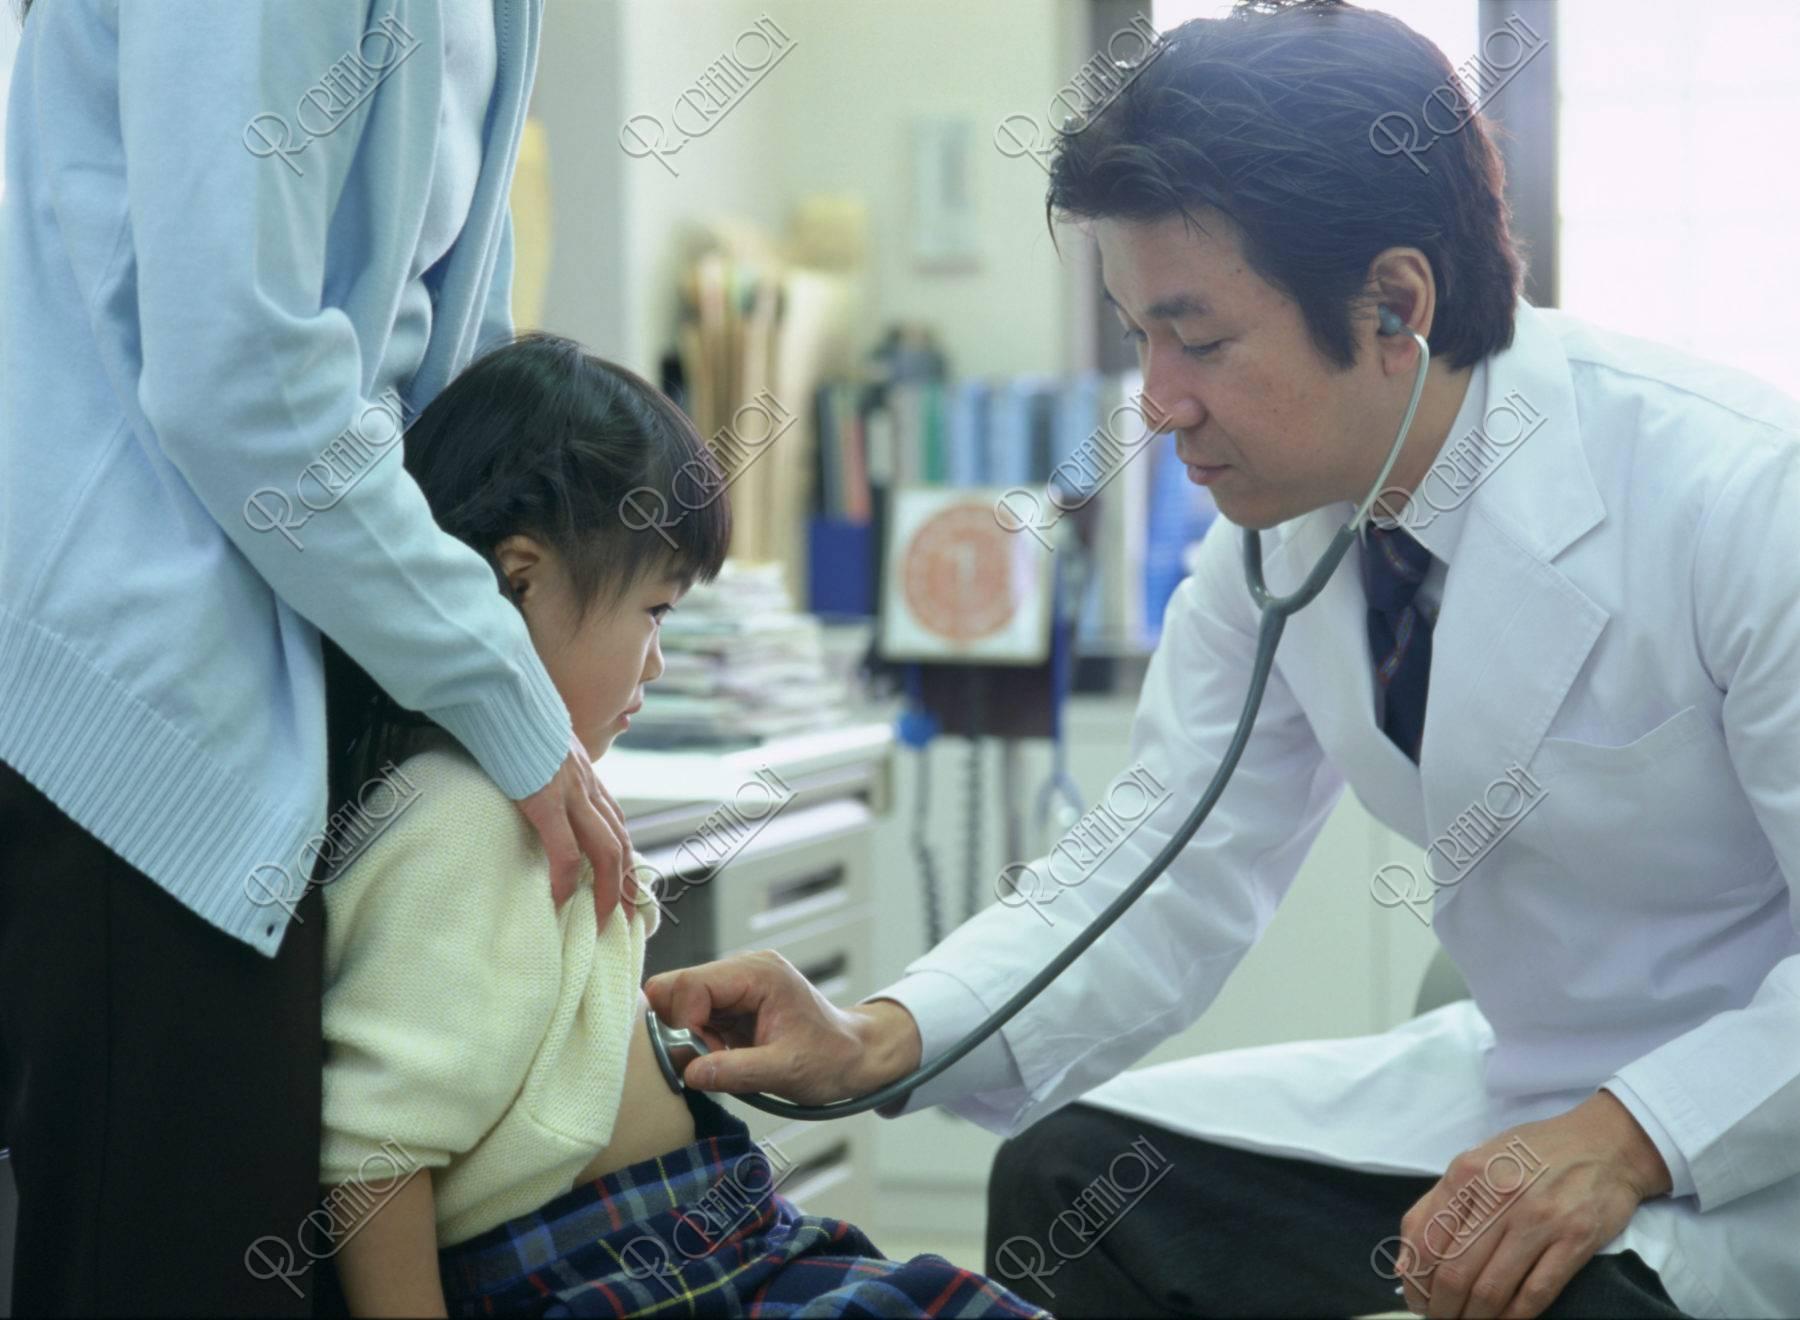 診察中の子供と医師